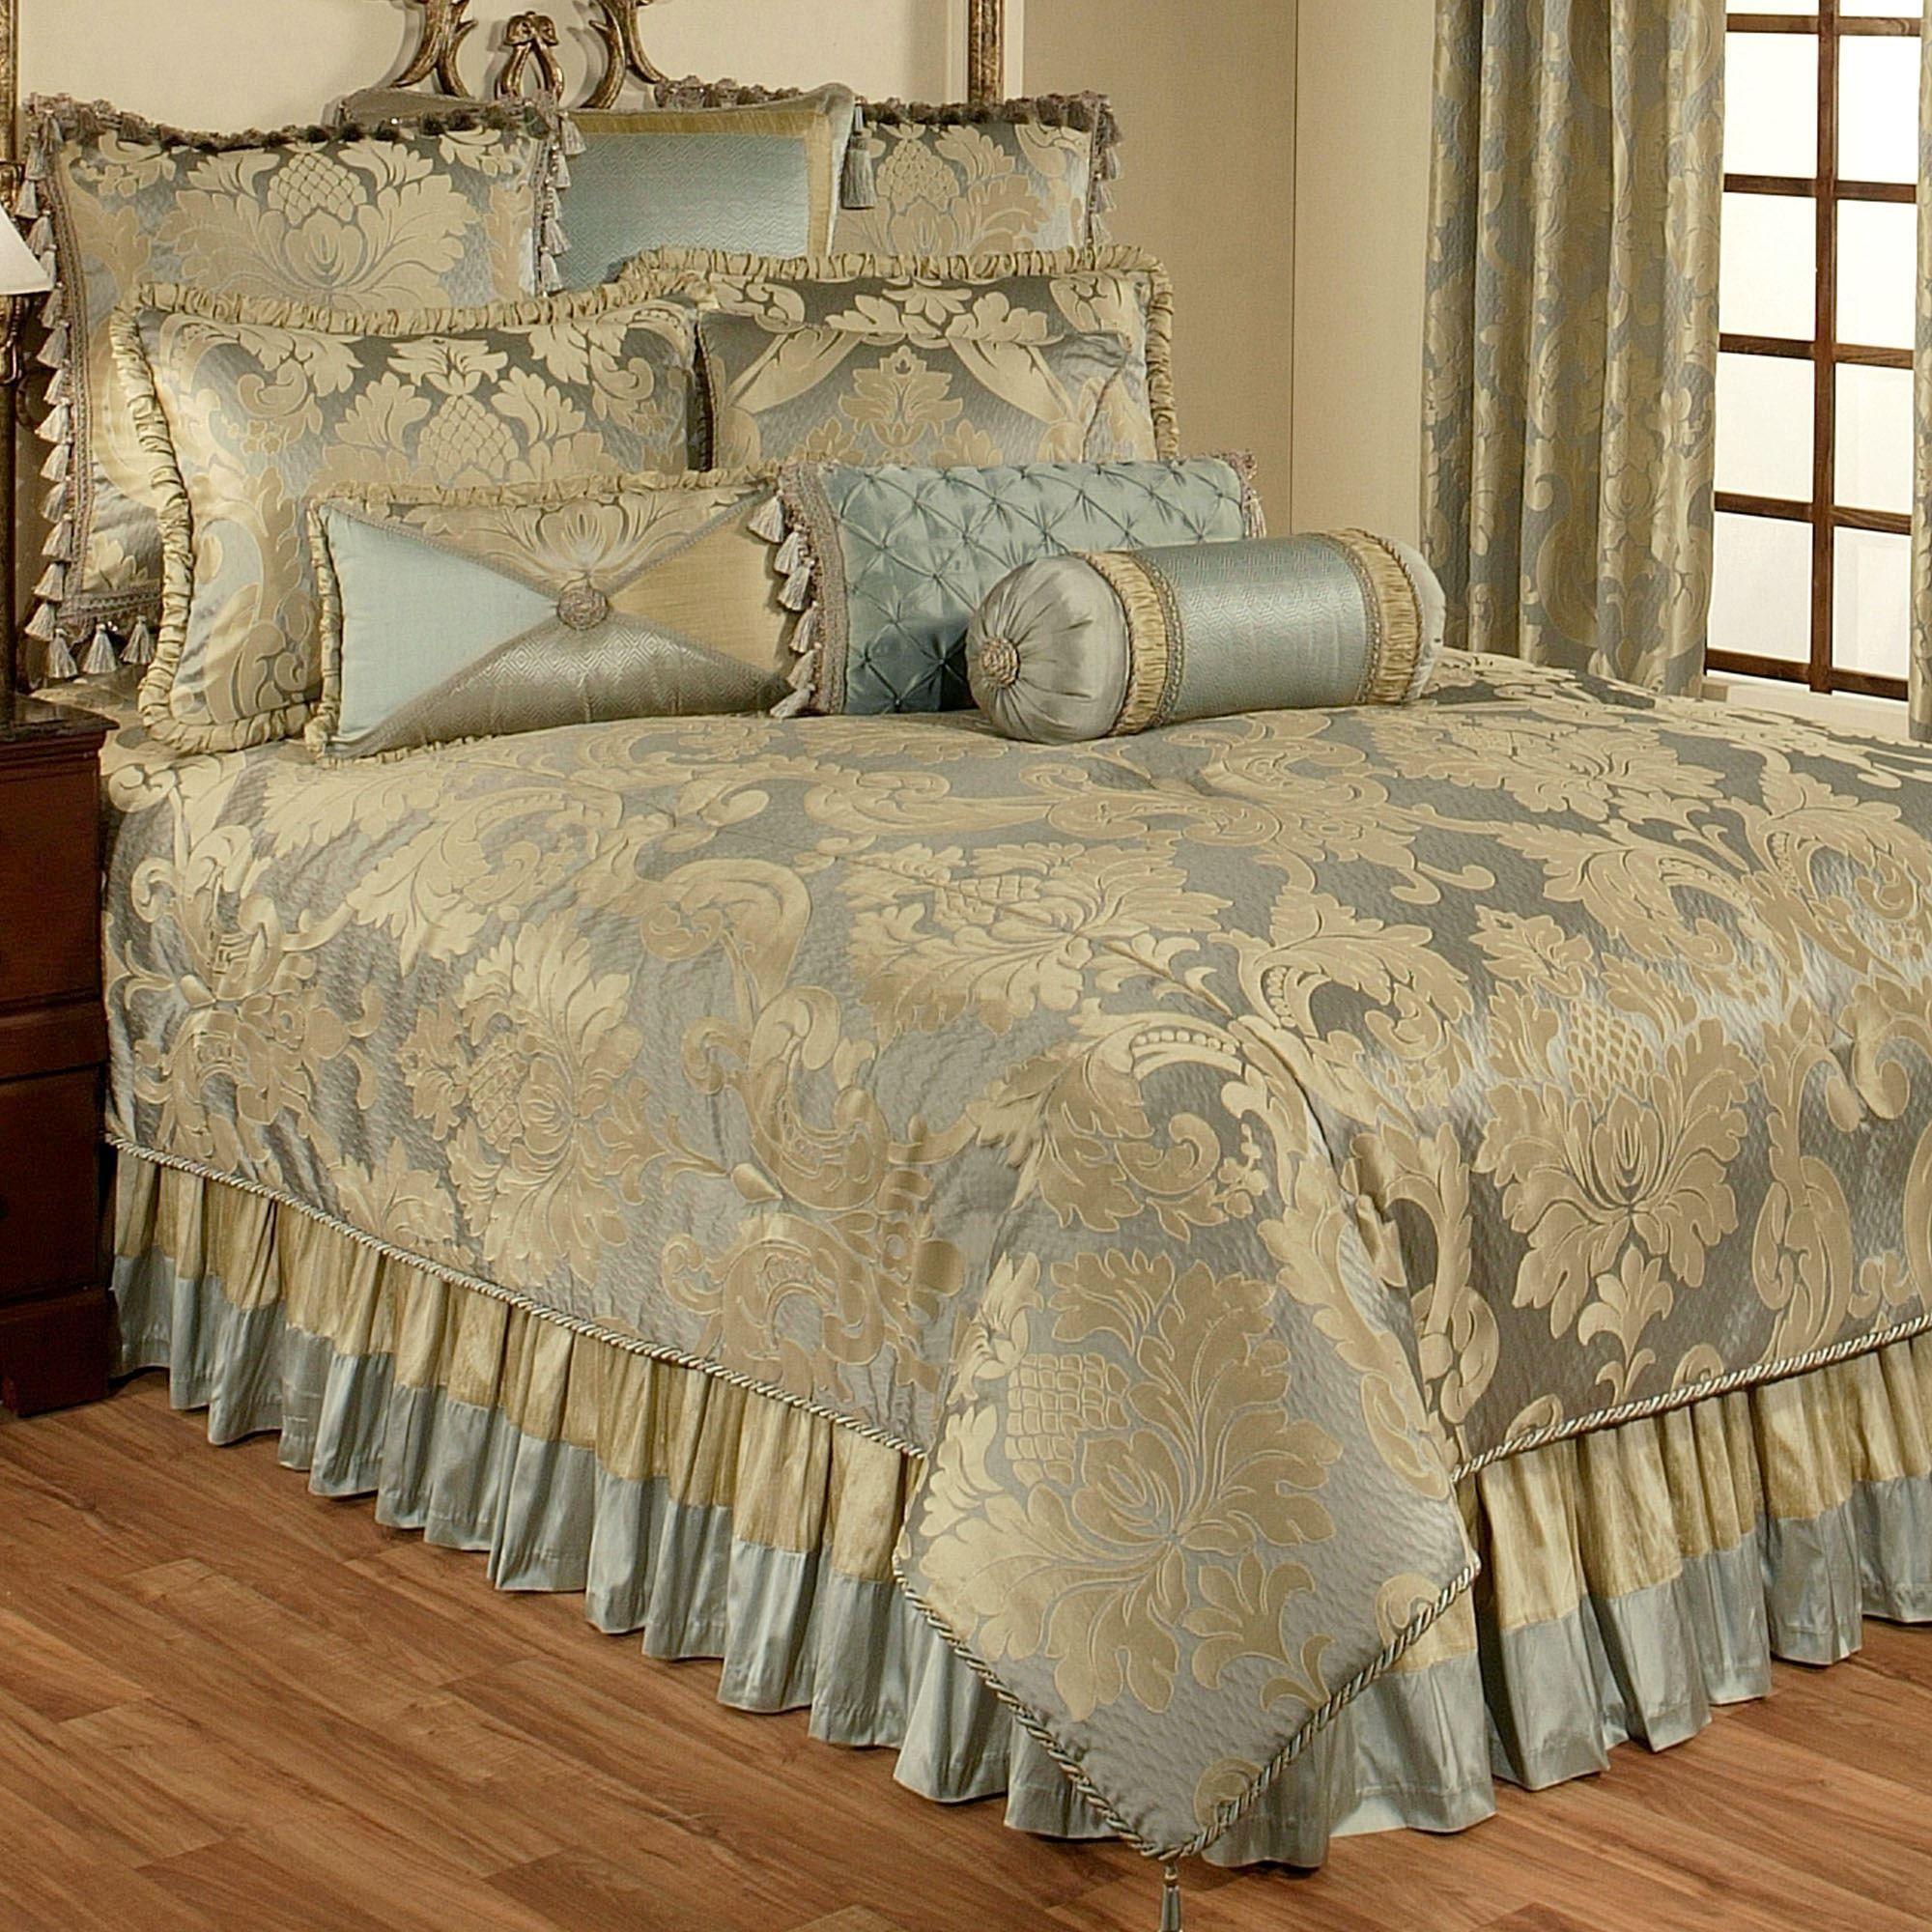 Duchess damask comforter bedding comforter sets bed